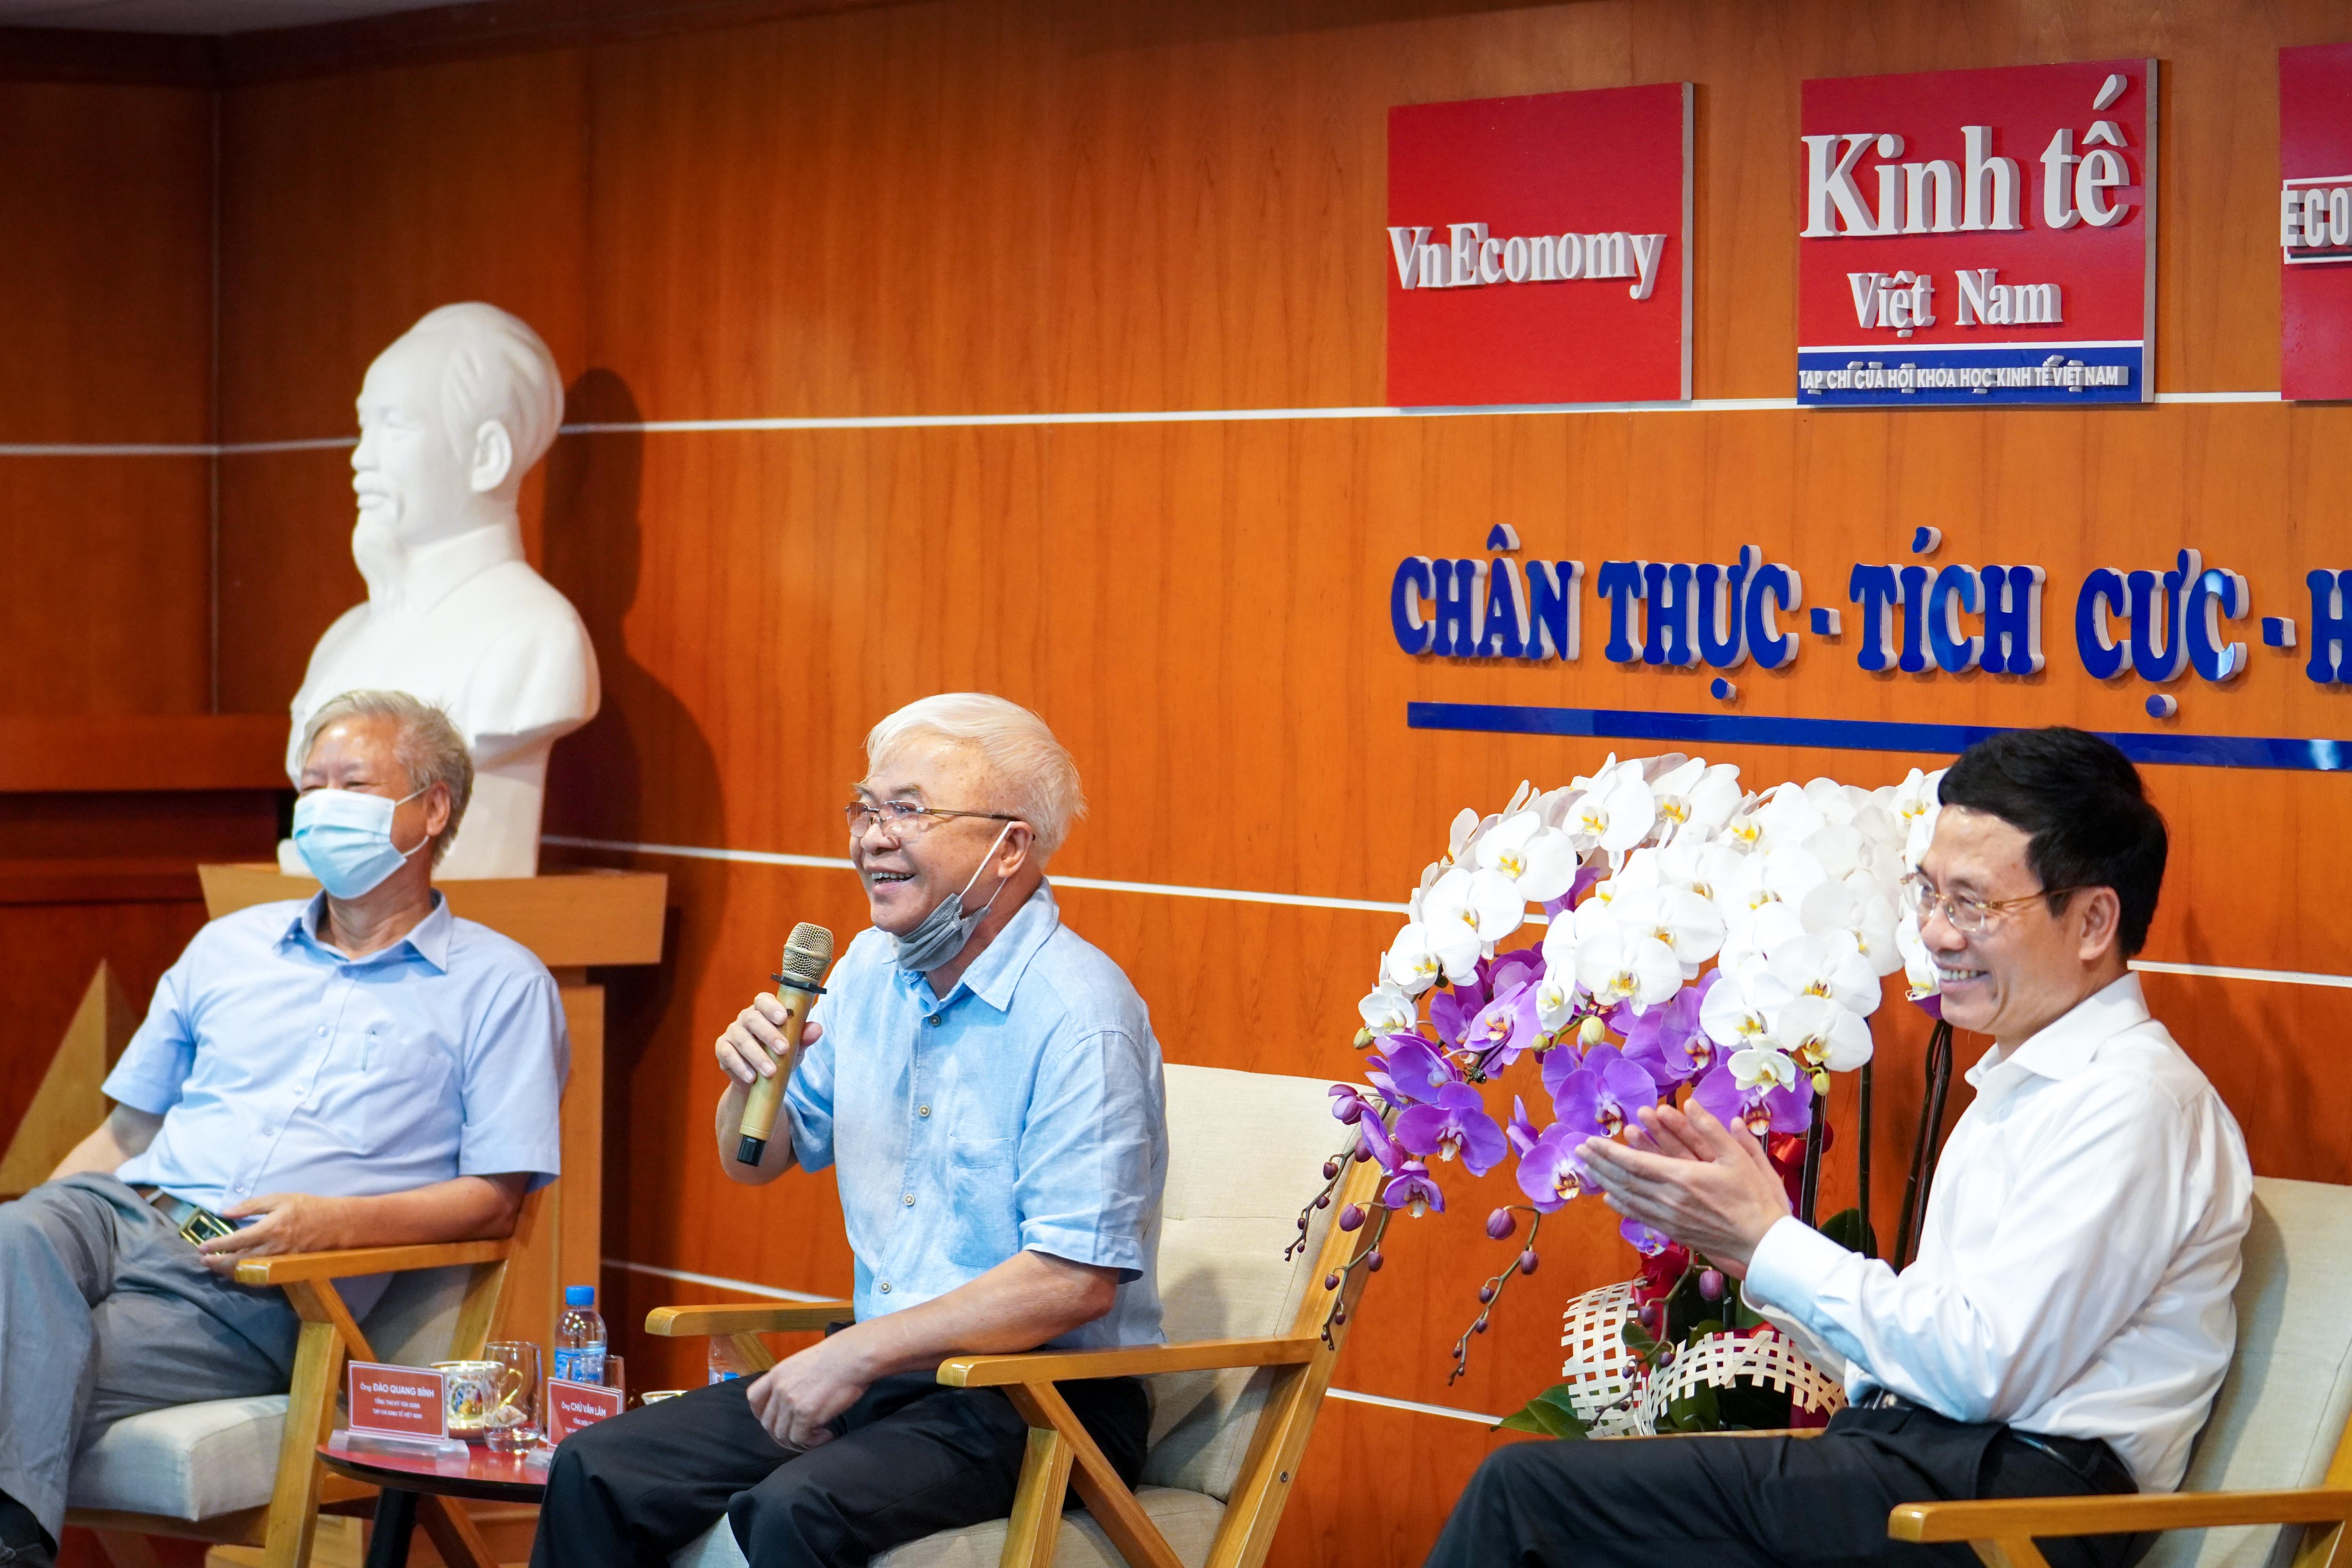 Tổng biên tập Chử Văn Lâm cho biết: Tạp chí Kinh tế Việt Nam đang tập trung mọi nguồn lực hướng vào nền kinh tế số.